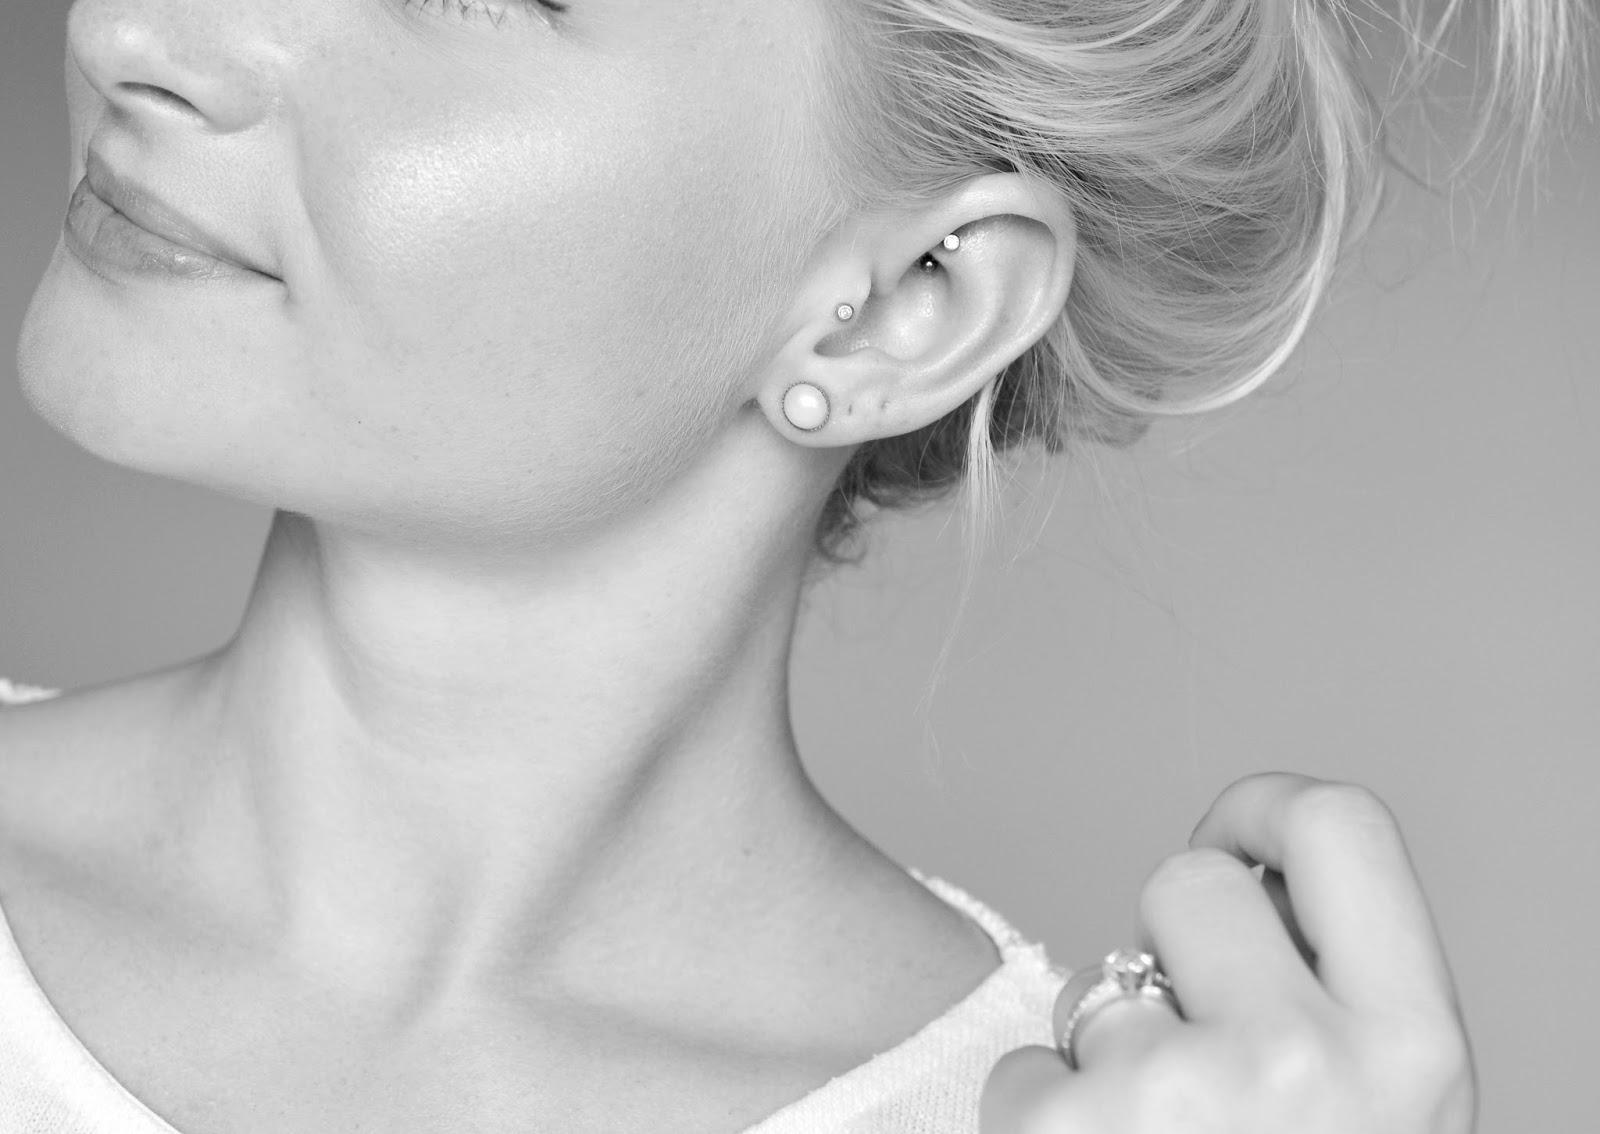 Anleitung stechen tragus selber piercing Tragus Piercing